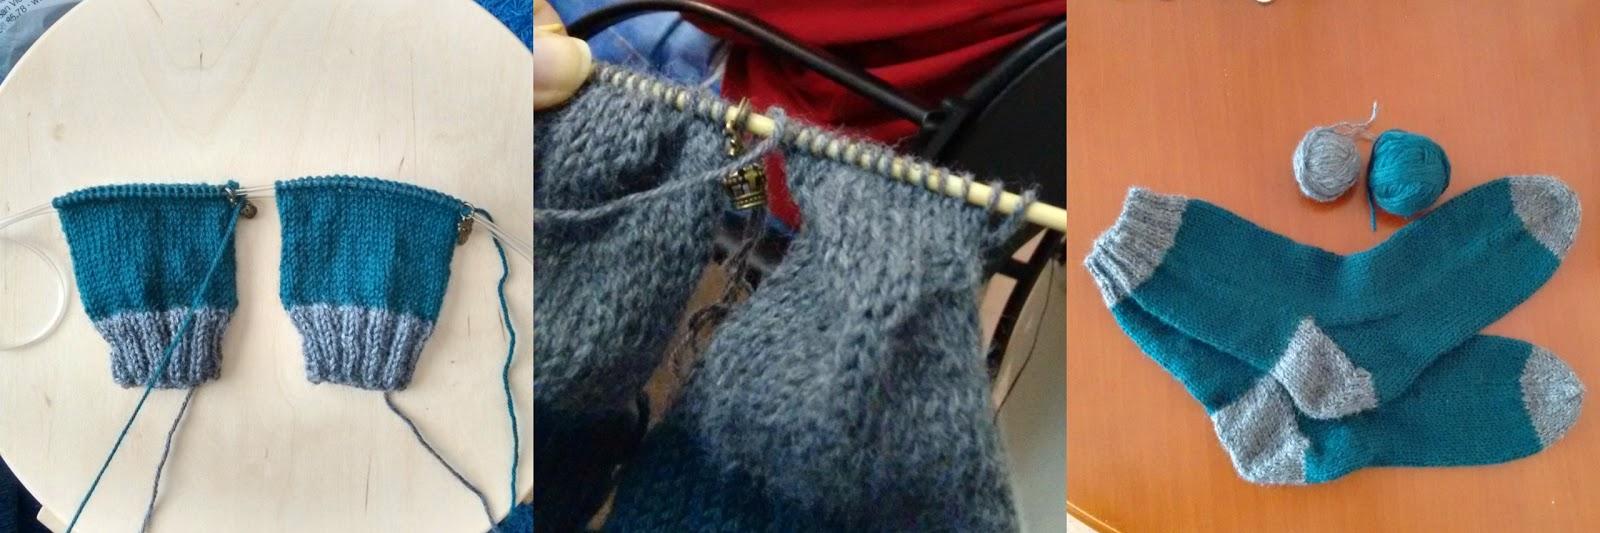 Dycas: Calcetines tejidos aprovechando restos de lanas